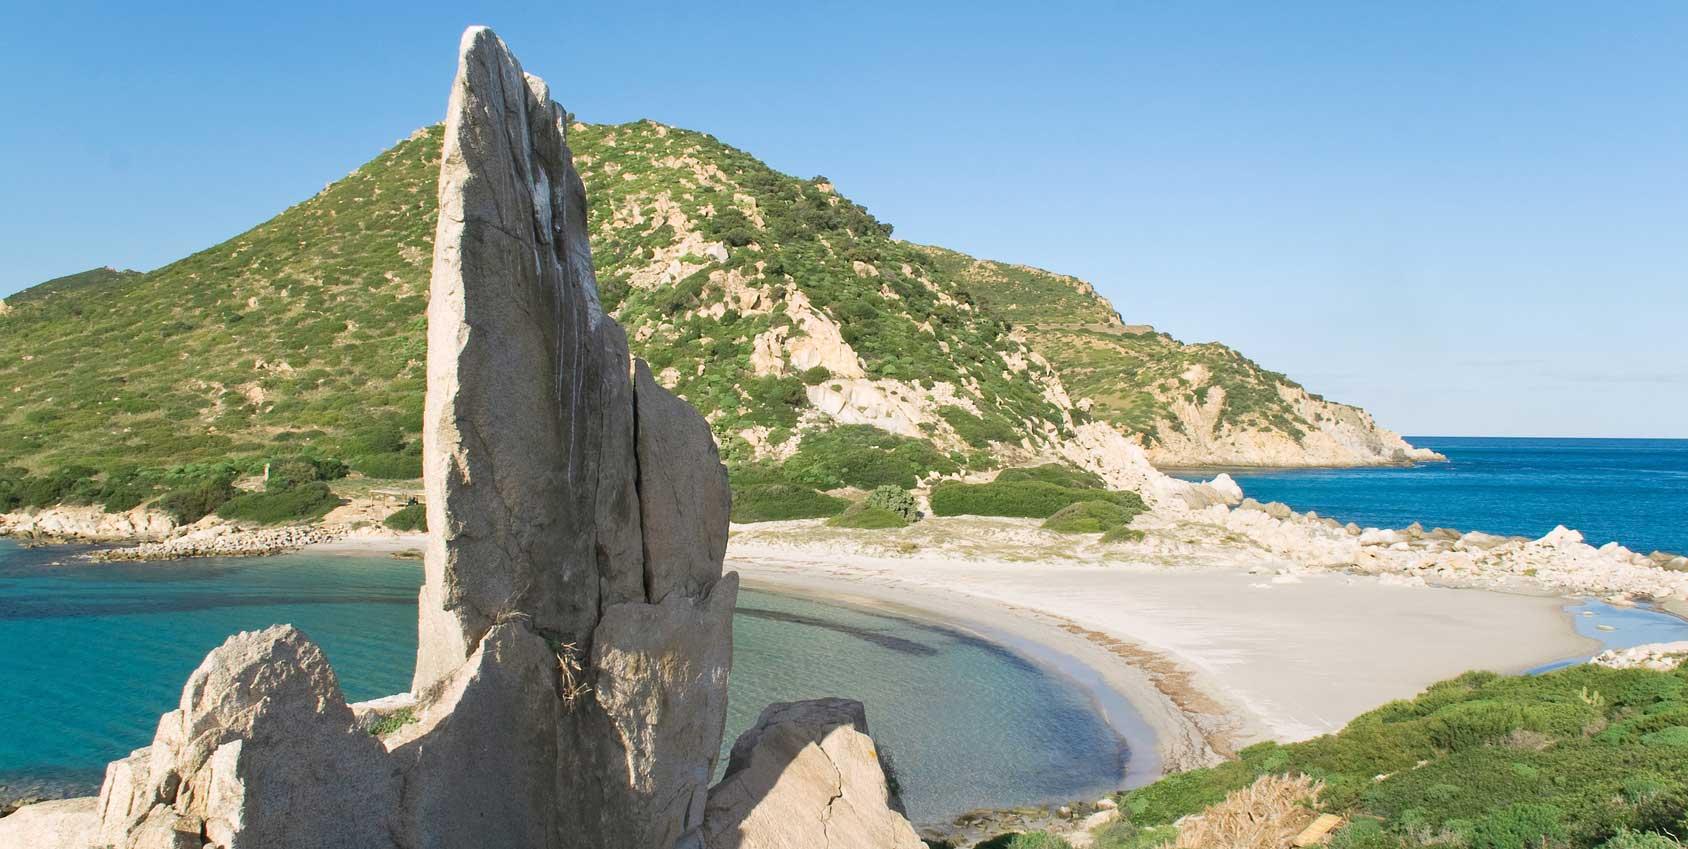 Villasimius, Punta Molentis